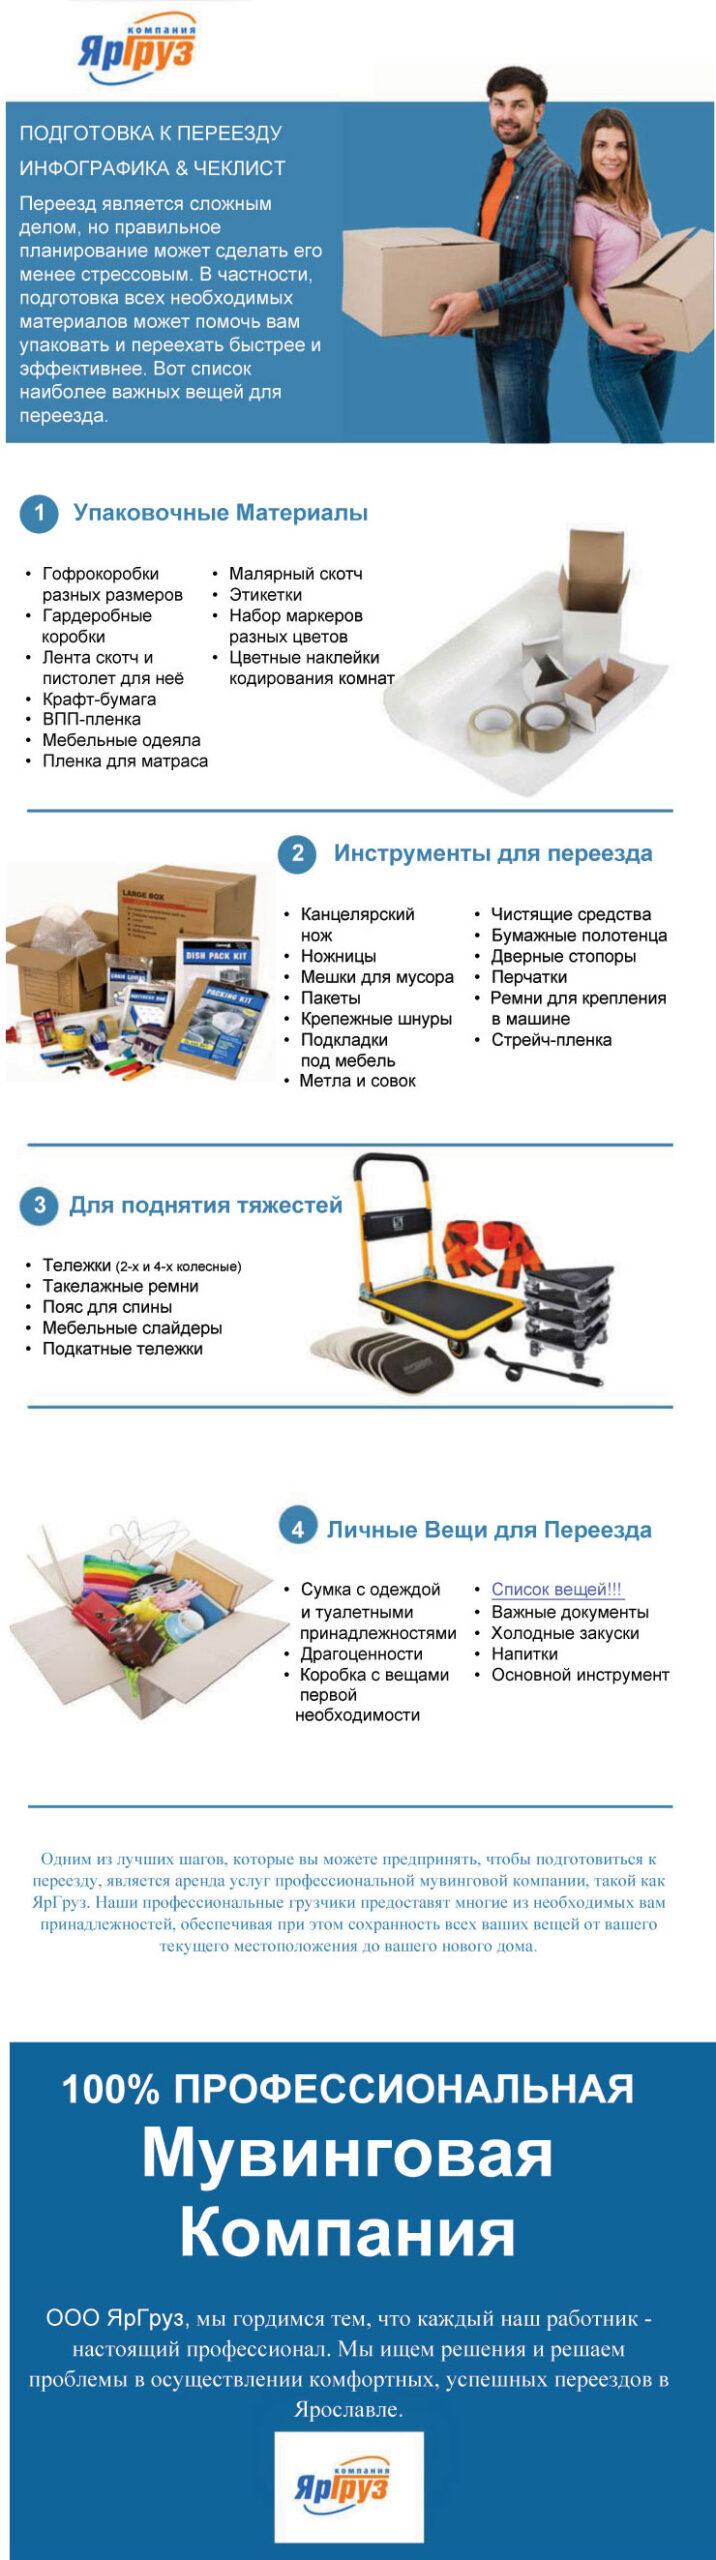 Подготовка к переезду инфографика & чеклист